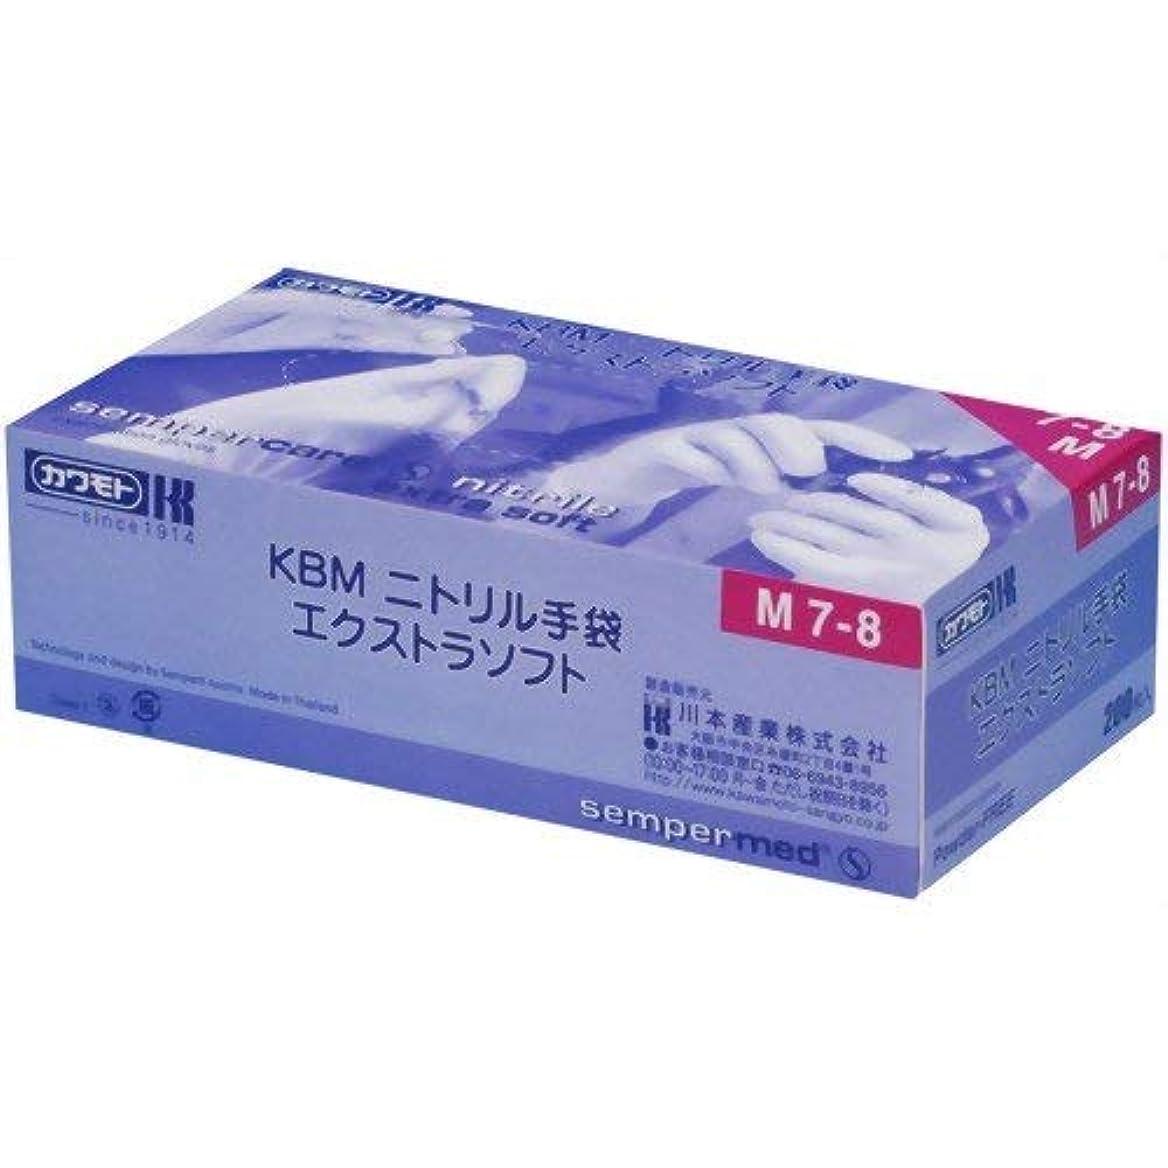 受粉者ファンド糸川本産業 KBMニトリル手袋 エクストラソフト L 200枚入 × 24個セット